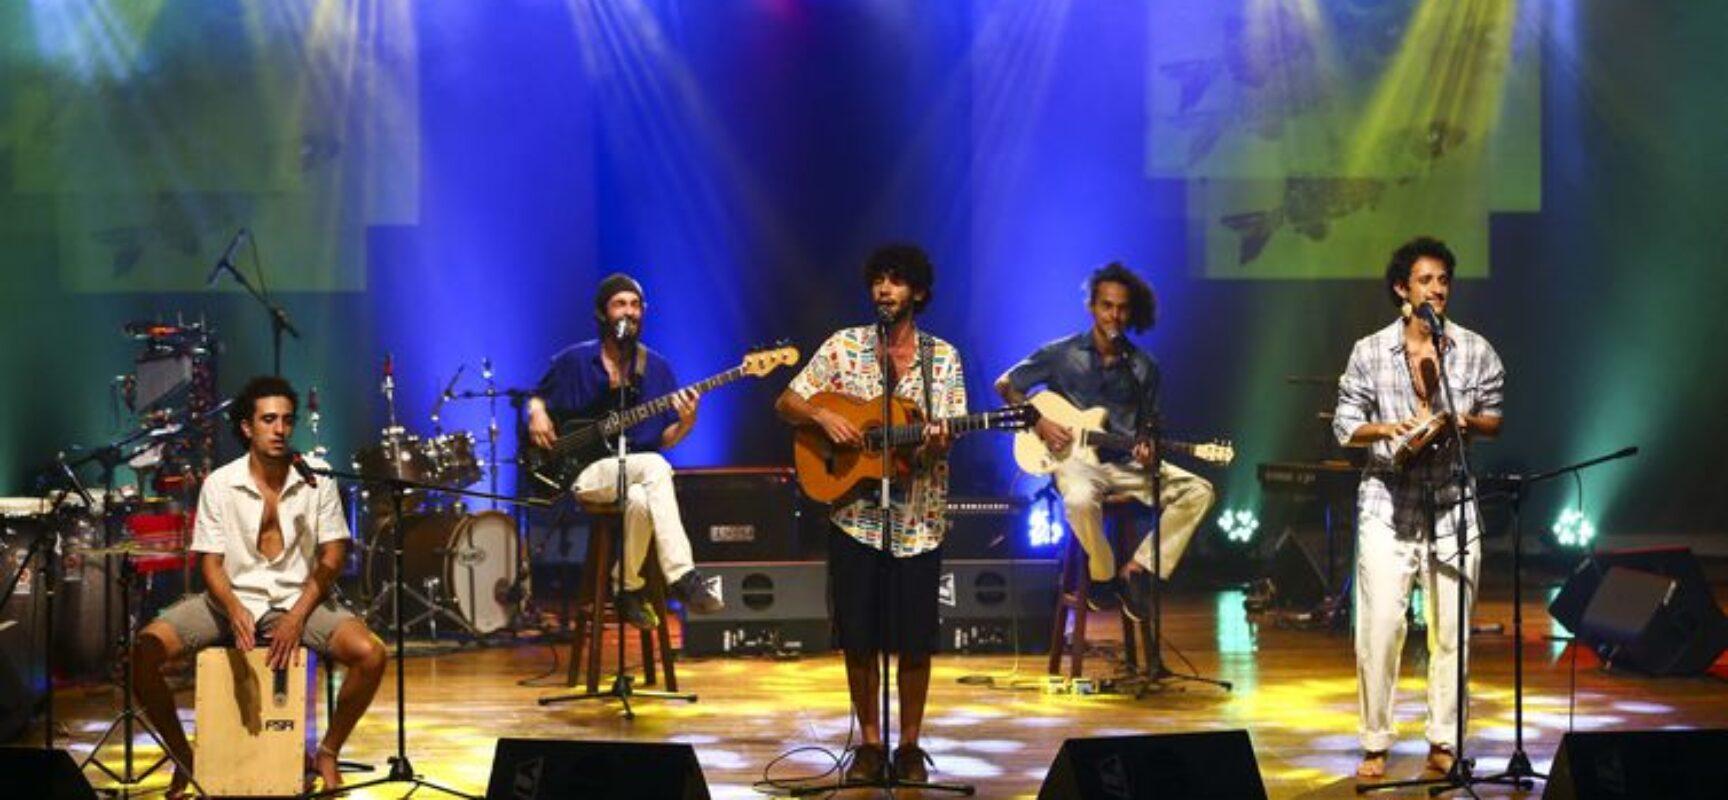 TV Brasil exibe show com finalistas do Festival de Música Nacional FM